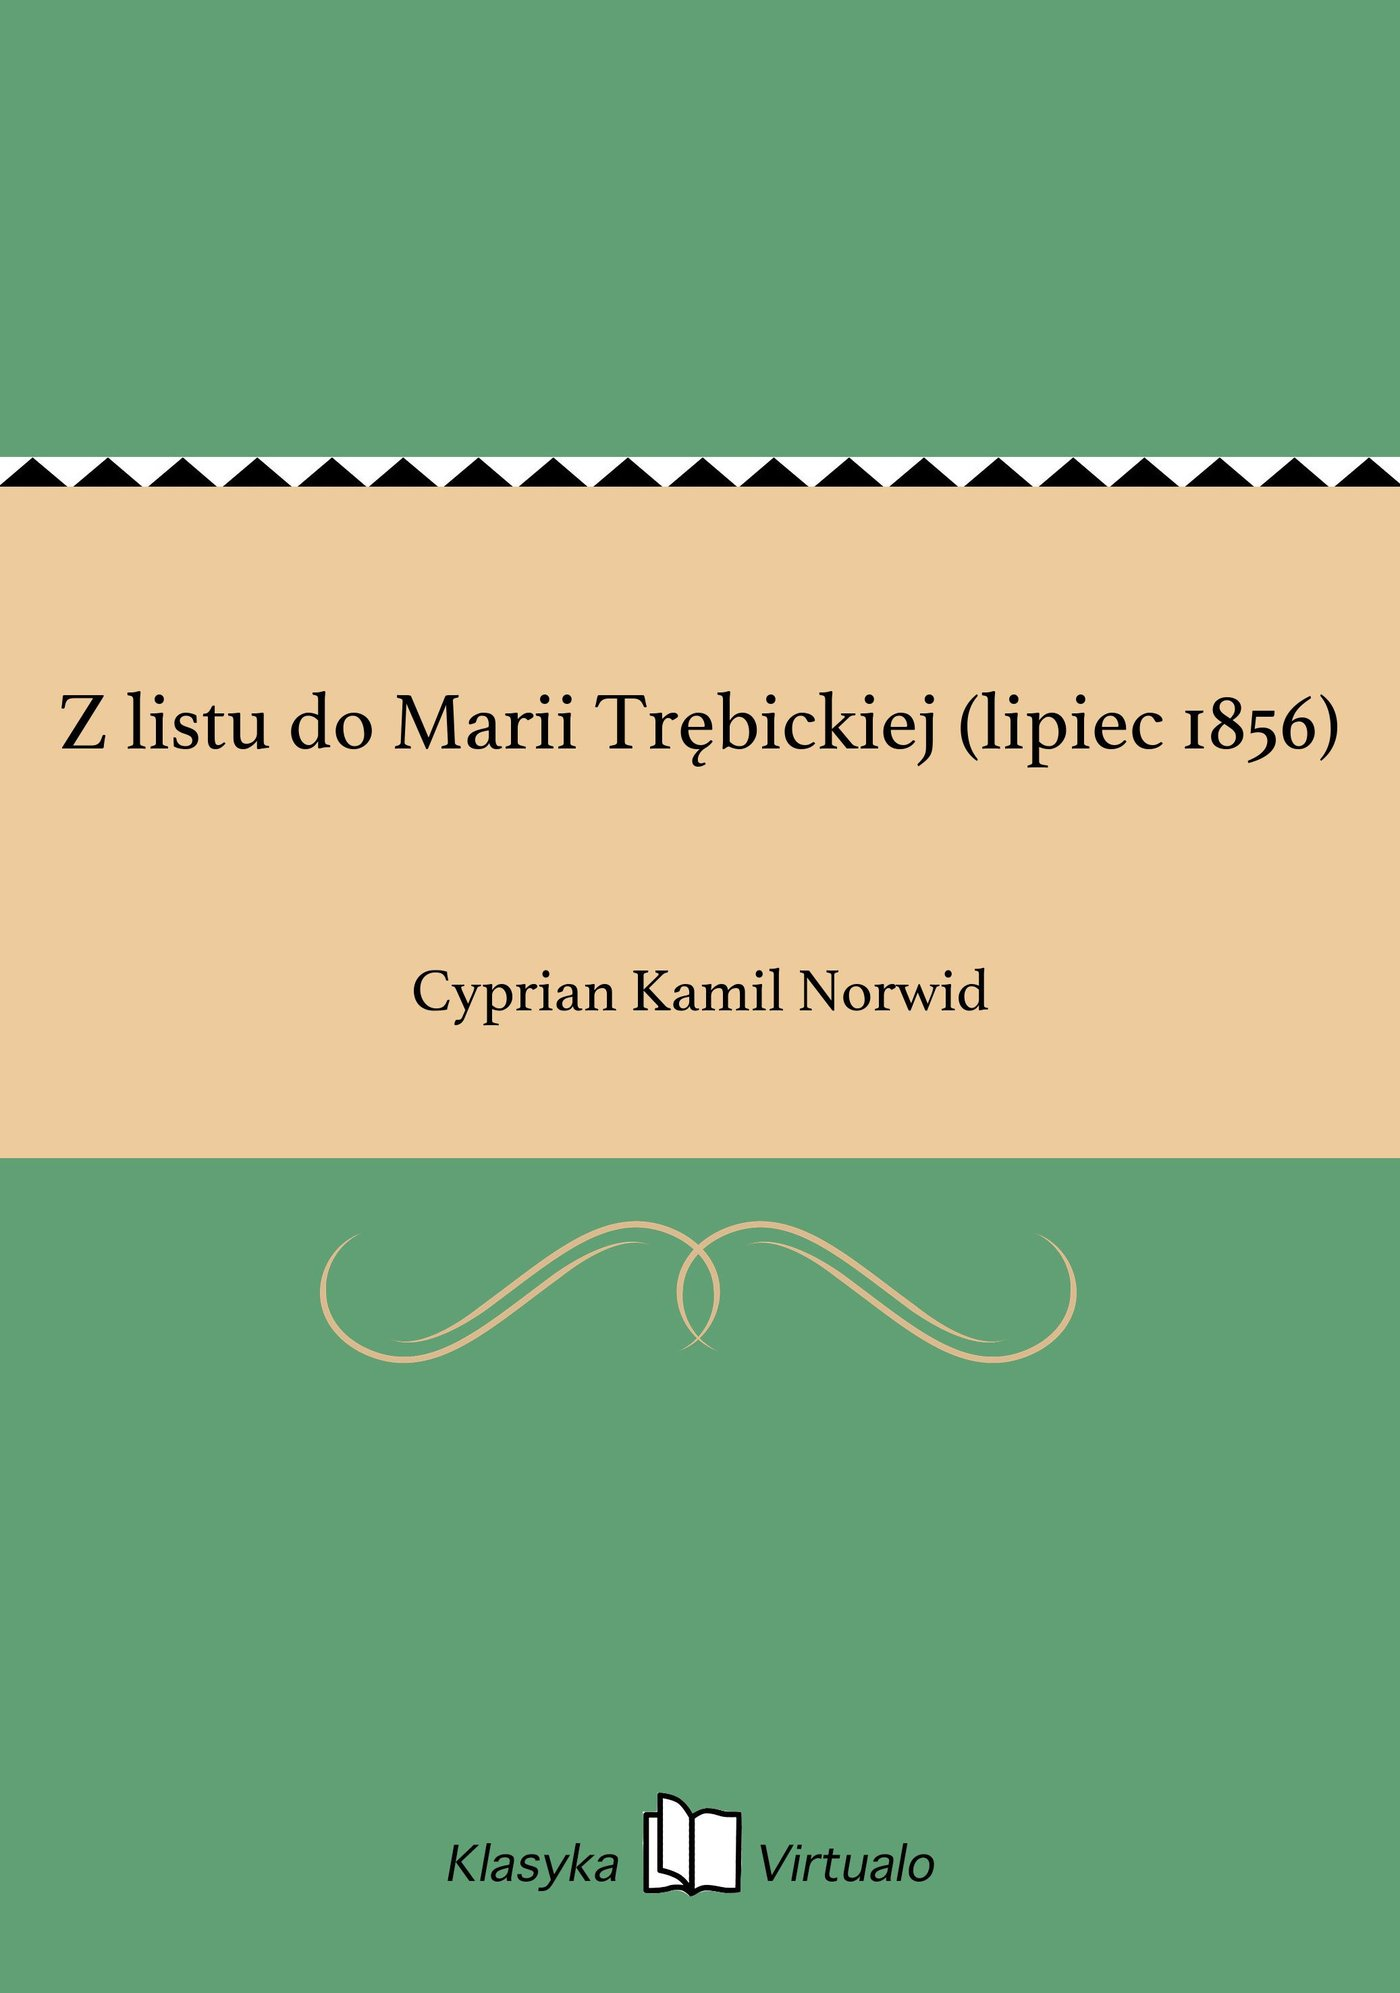 Z listu do Marii Trębickiej (lipiec 1856) - Ebook (Książka EPUB) do pobrania w formacie EPUB